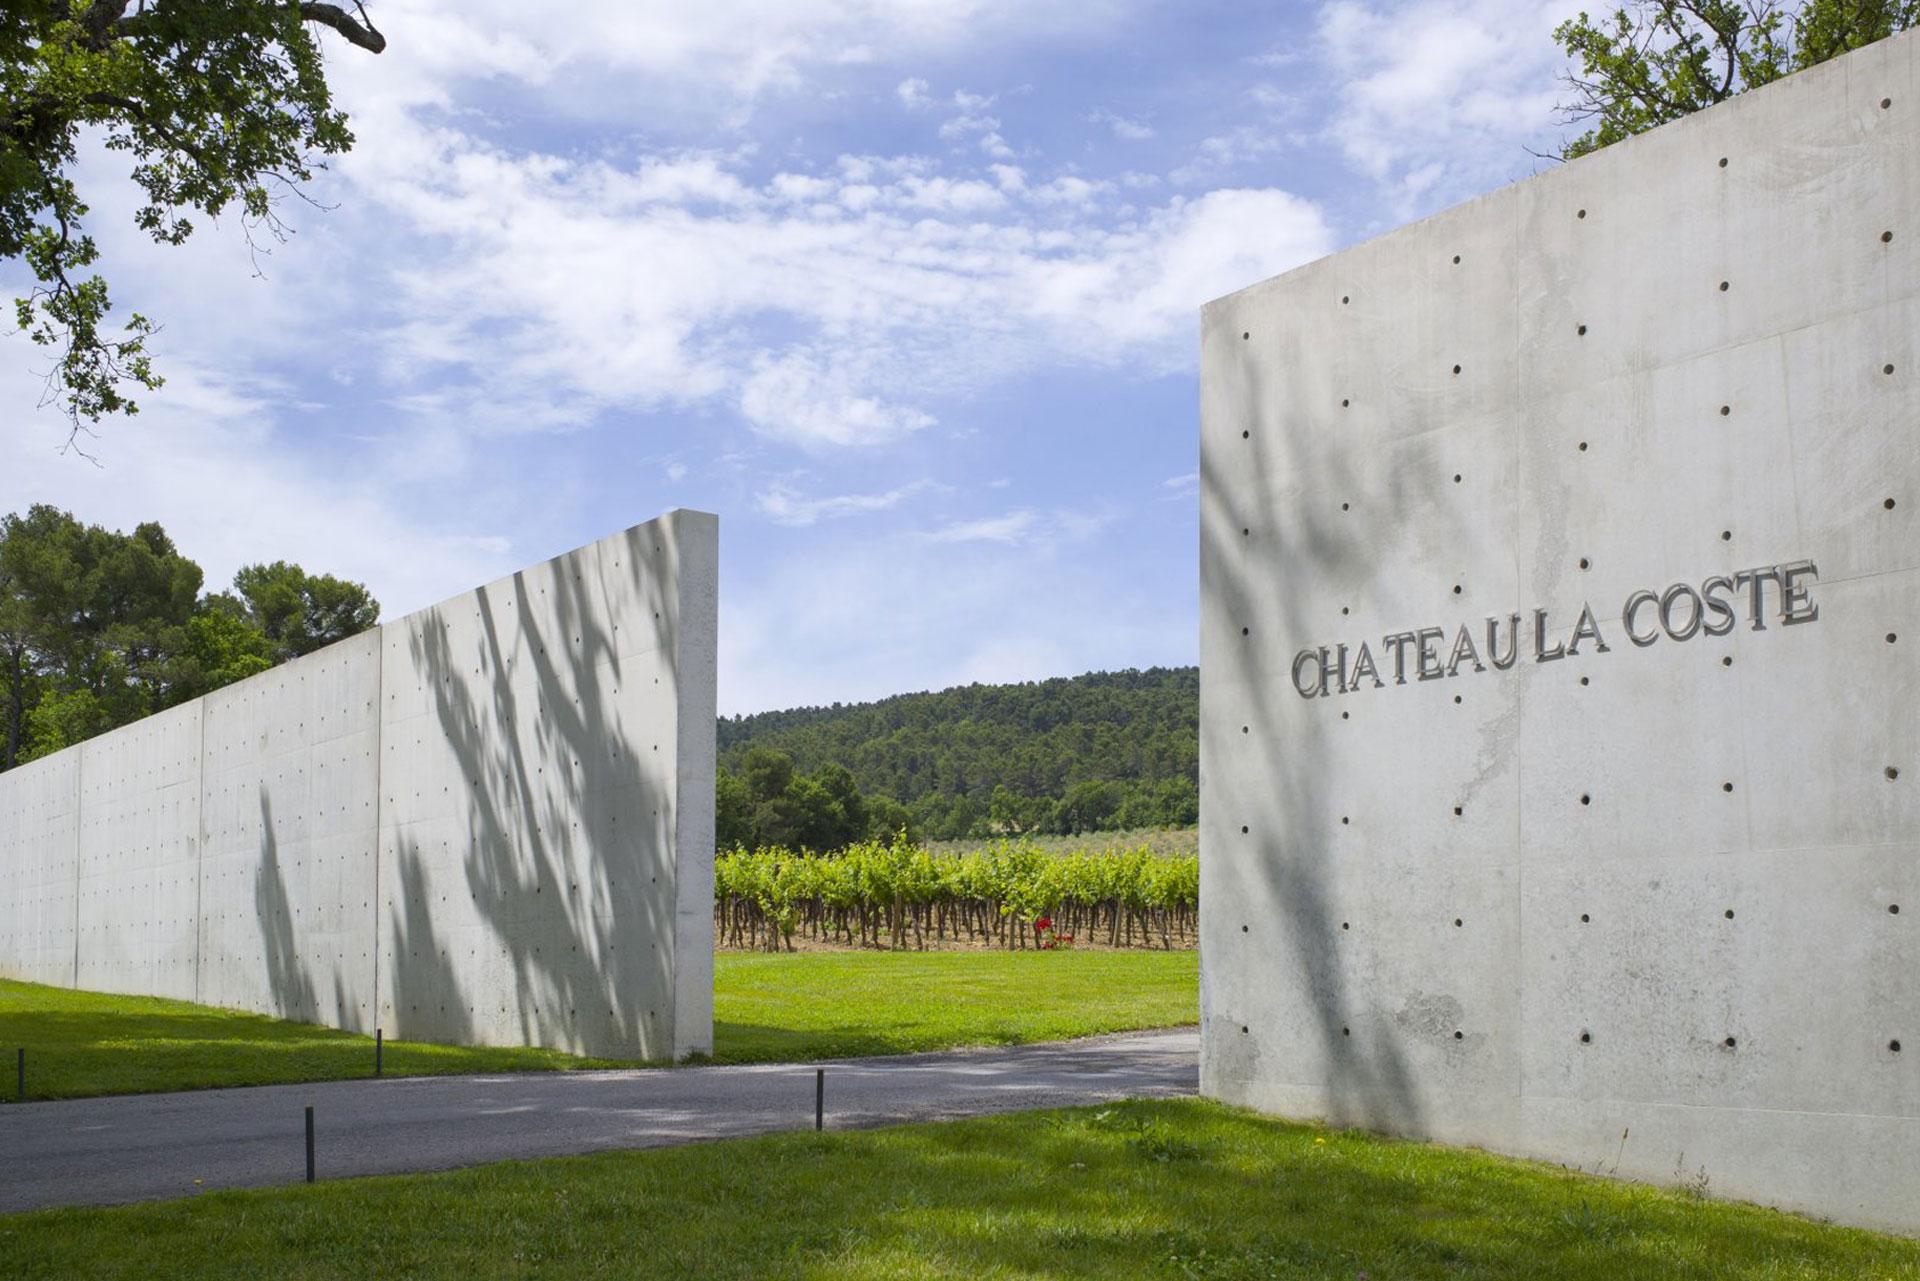 와인과 음식, 예술과 건축의 만남